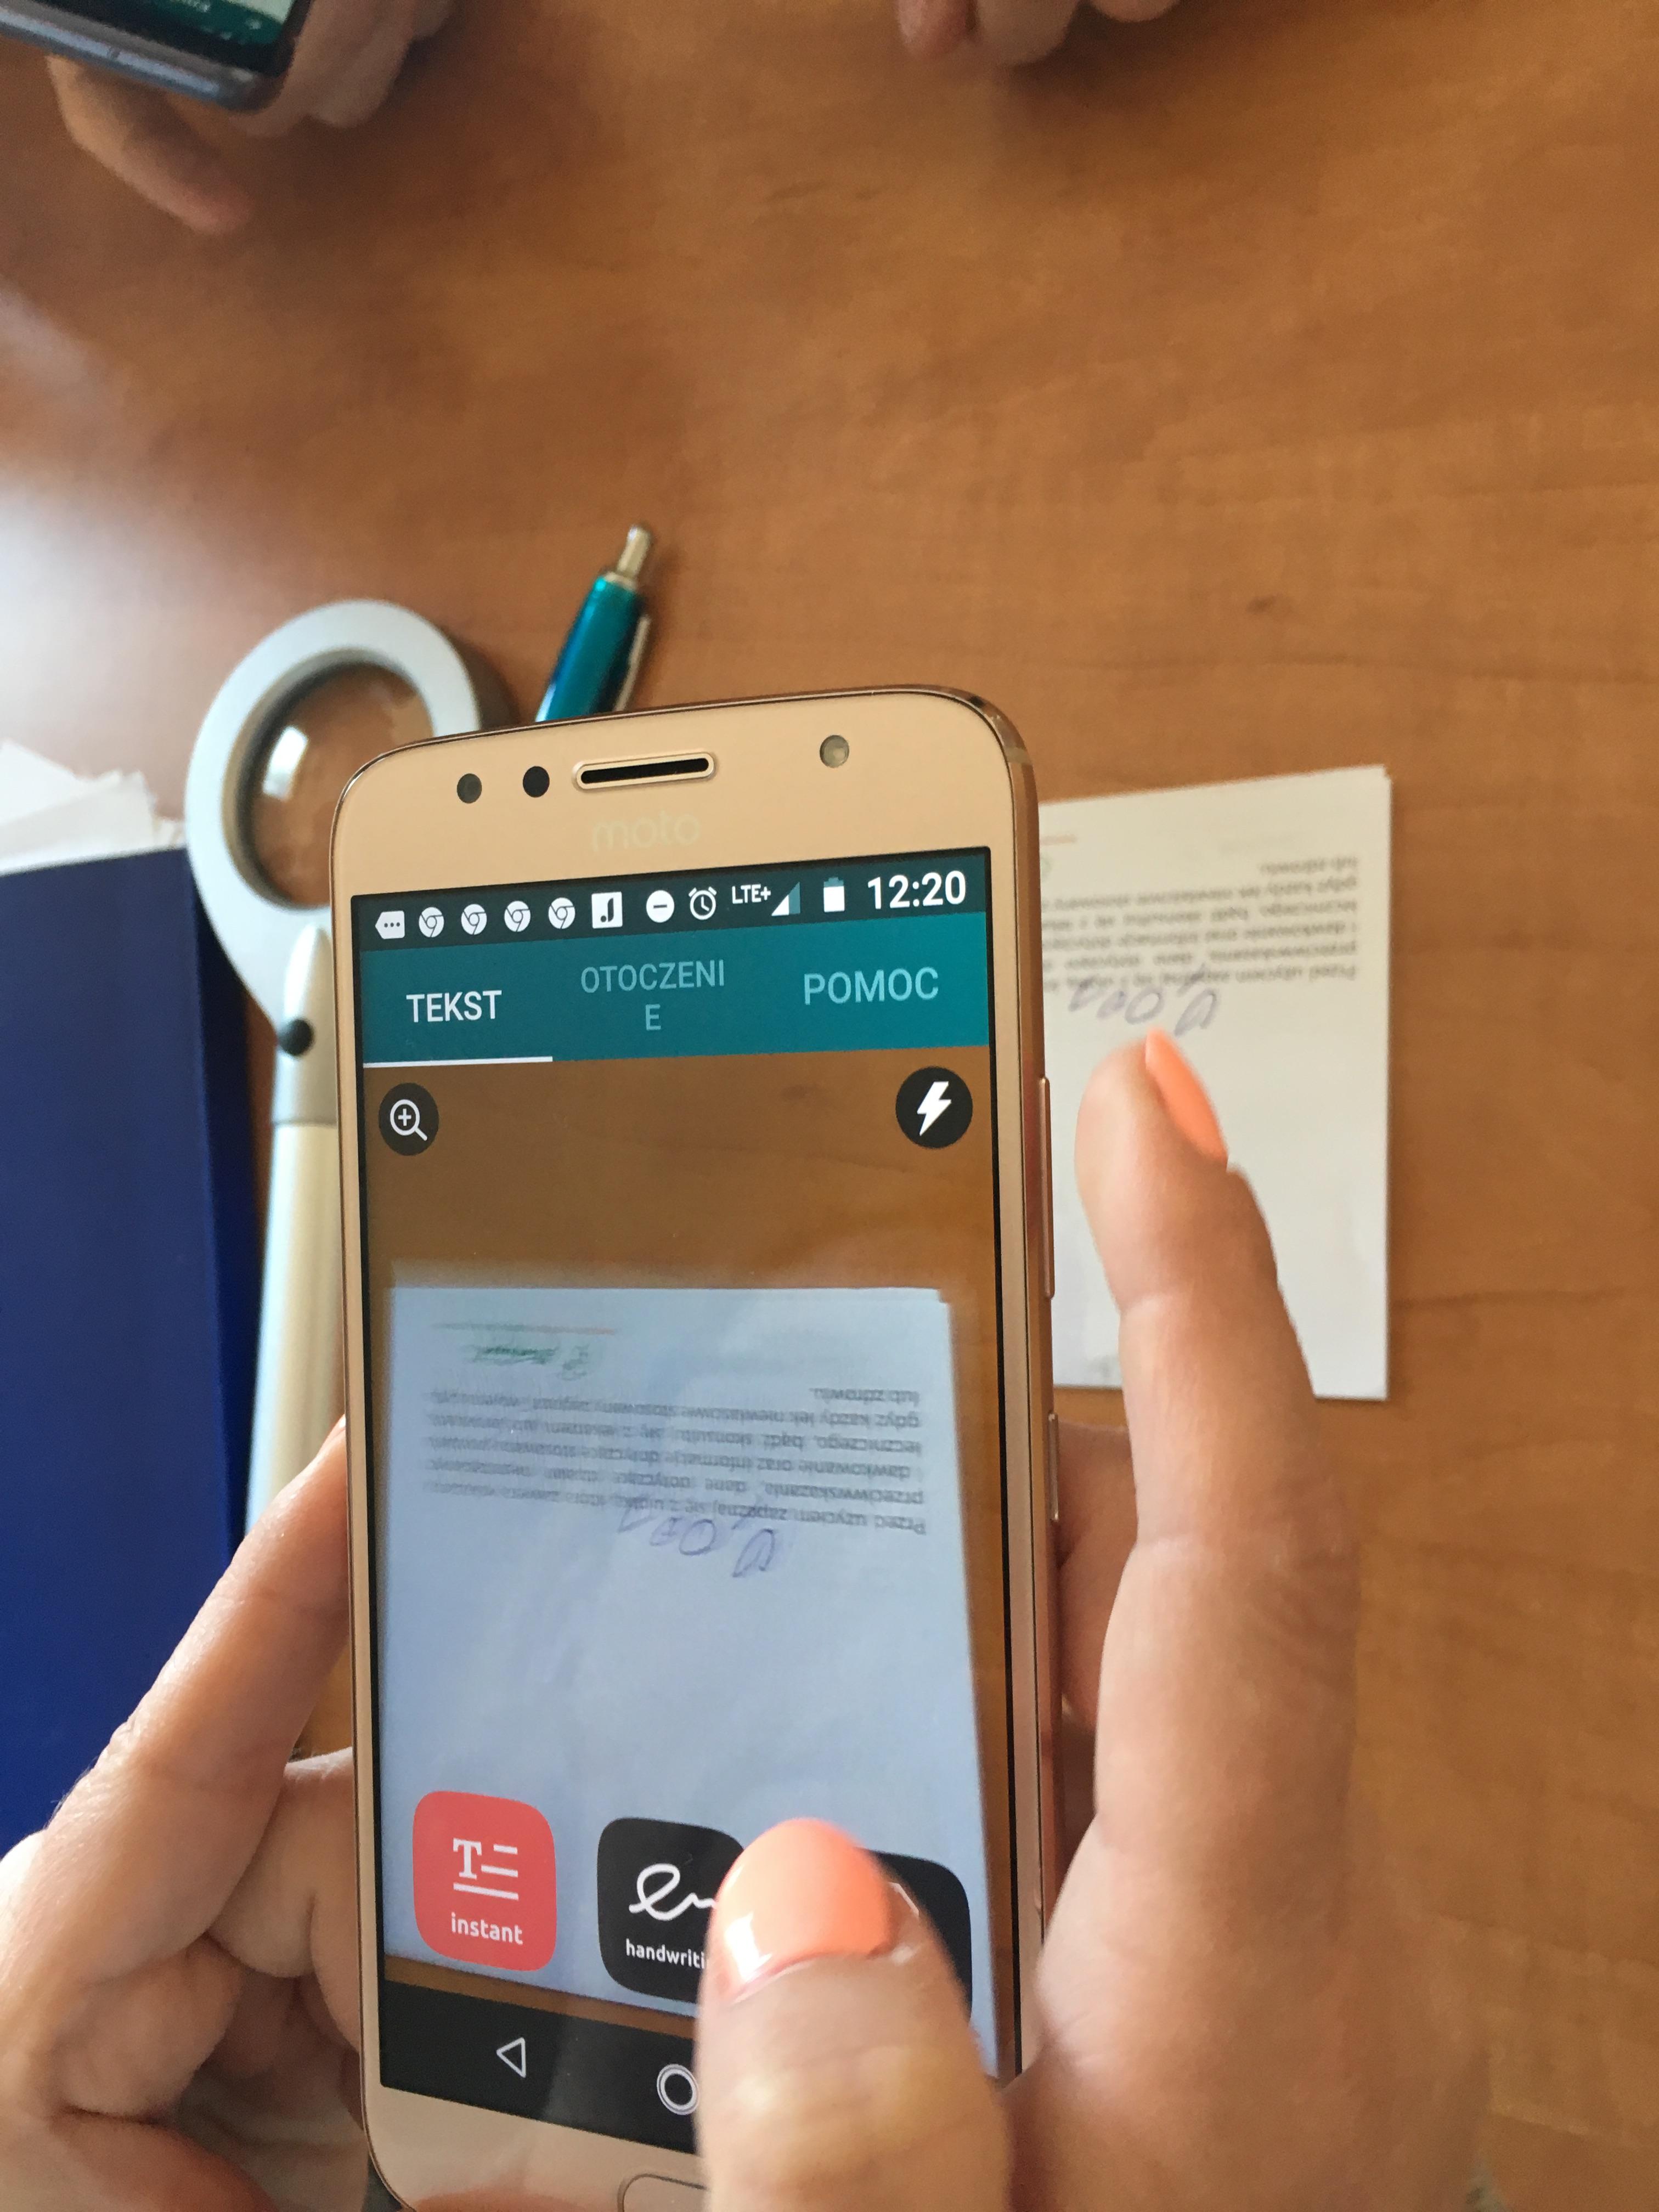 Smartfon z białą ramką w kobiecych dłoniach, pod nim widoczna biała lupa.